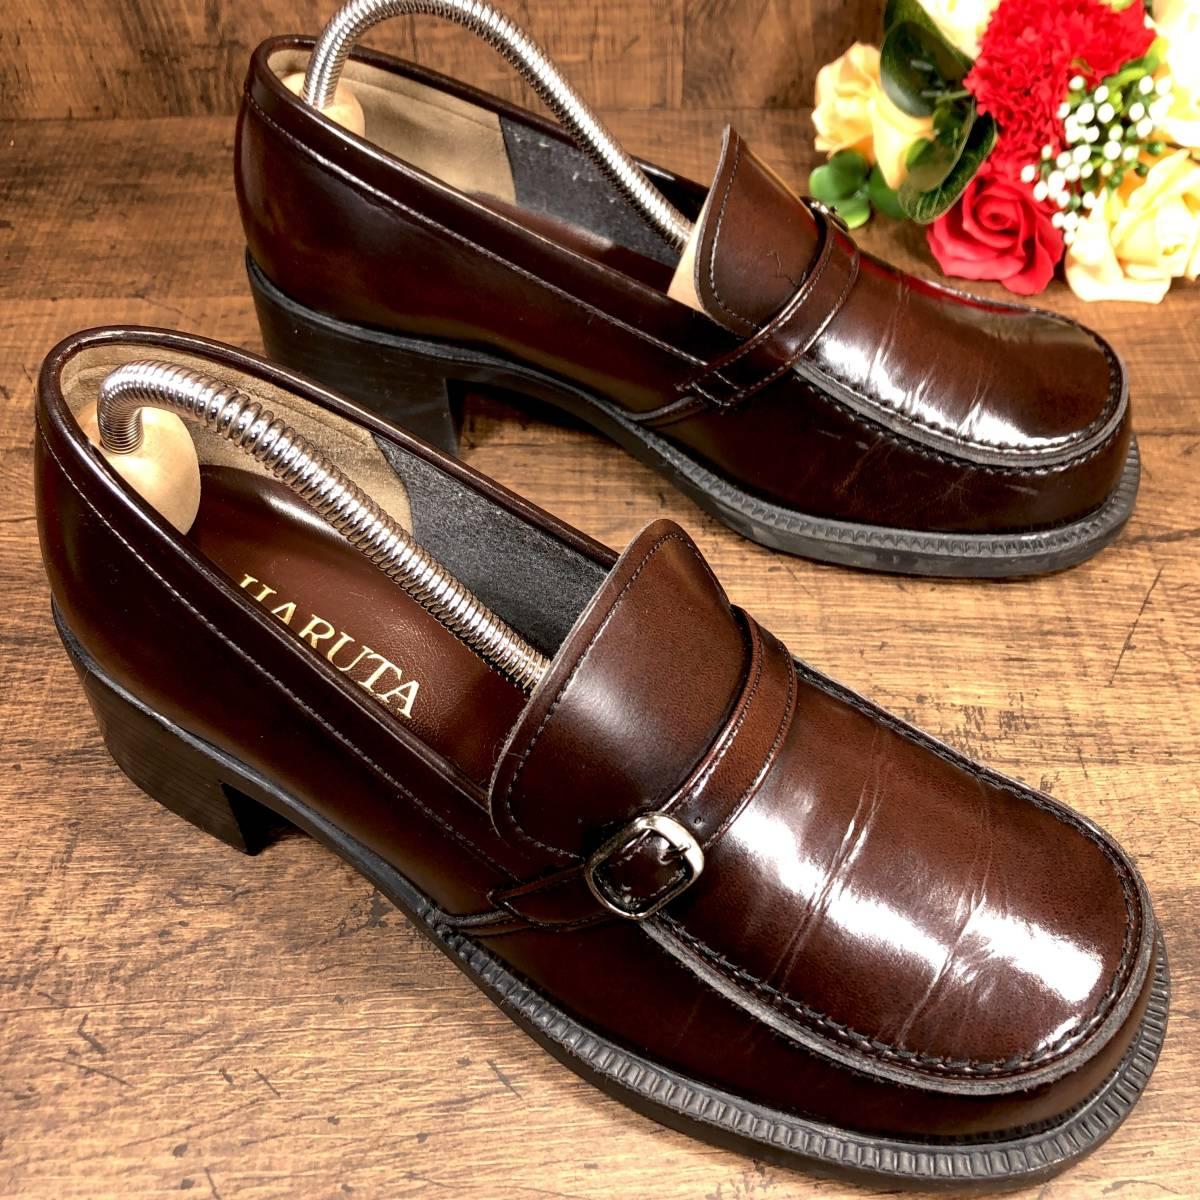 57bfd38e08b060 即決□HARUTA□ 23.5cm 茶 ブラウン ハルタ ローファー スリッポン ヒール ドレス レディース 革靴 靴